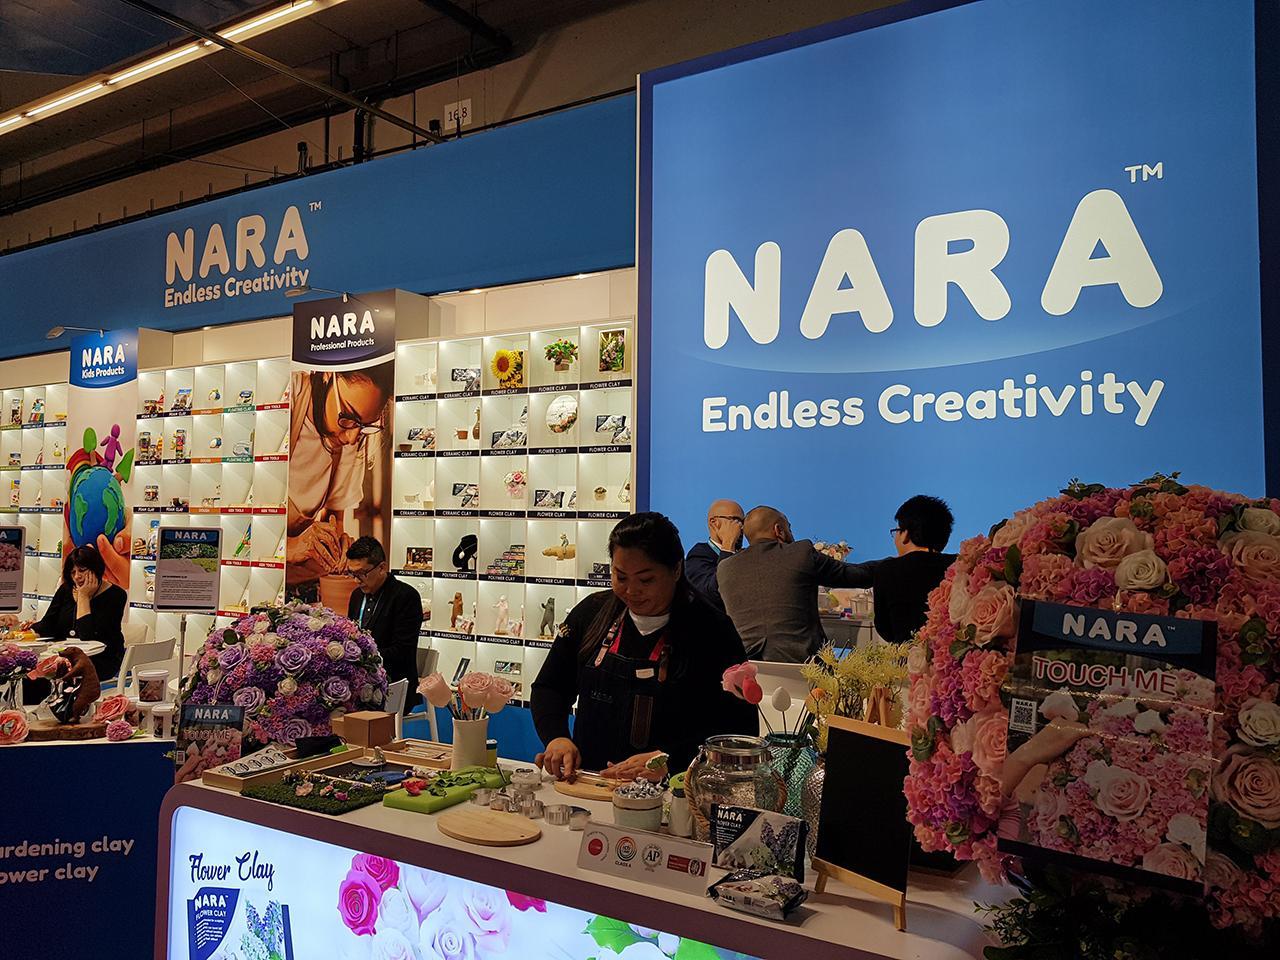 """สินค้าดินน้ำมันและอุปกรณ์เกี่ยวกับงานปั้น แบรนด์ """"NARA"""" ของ บ.นารา โกลบอล จำกัด จากประเทศไทย ได้รับความสนใจจากผู้เข้าชมงาน."""